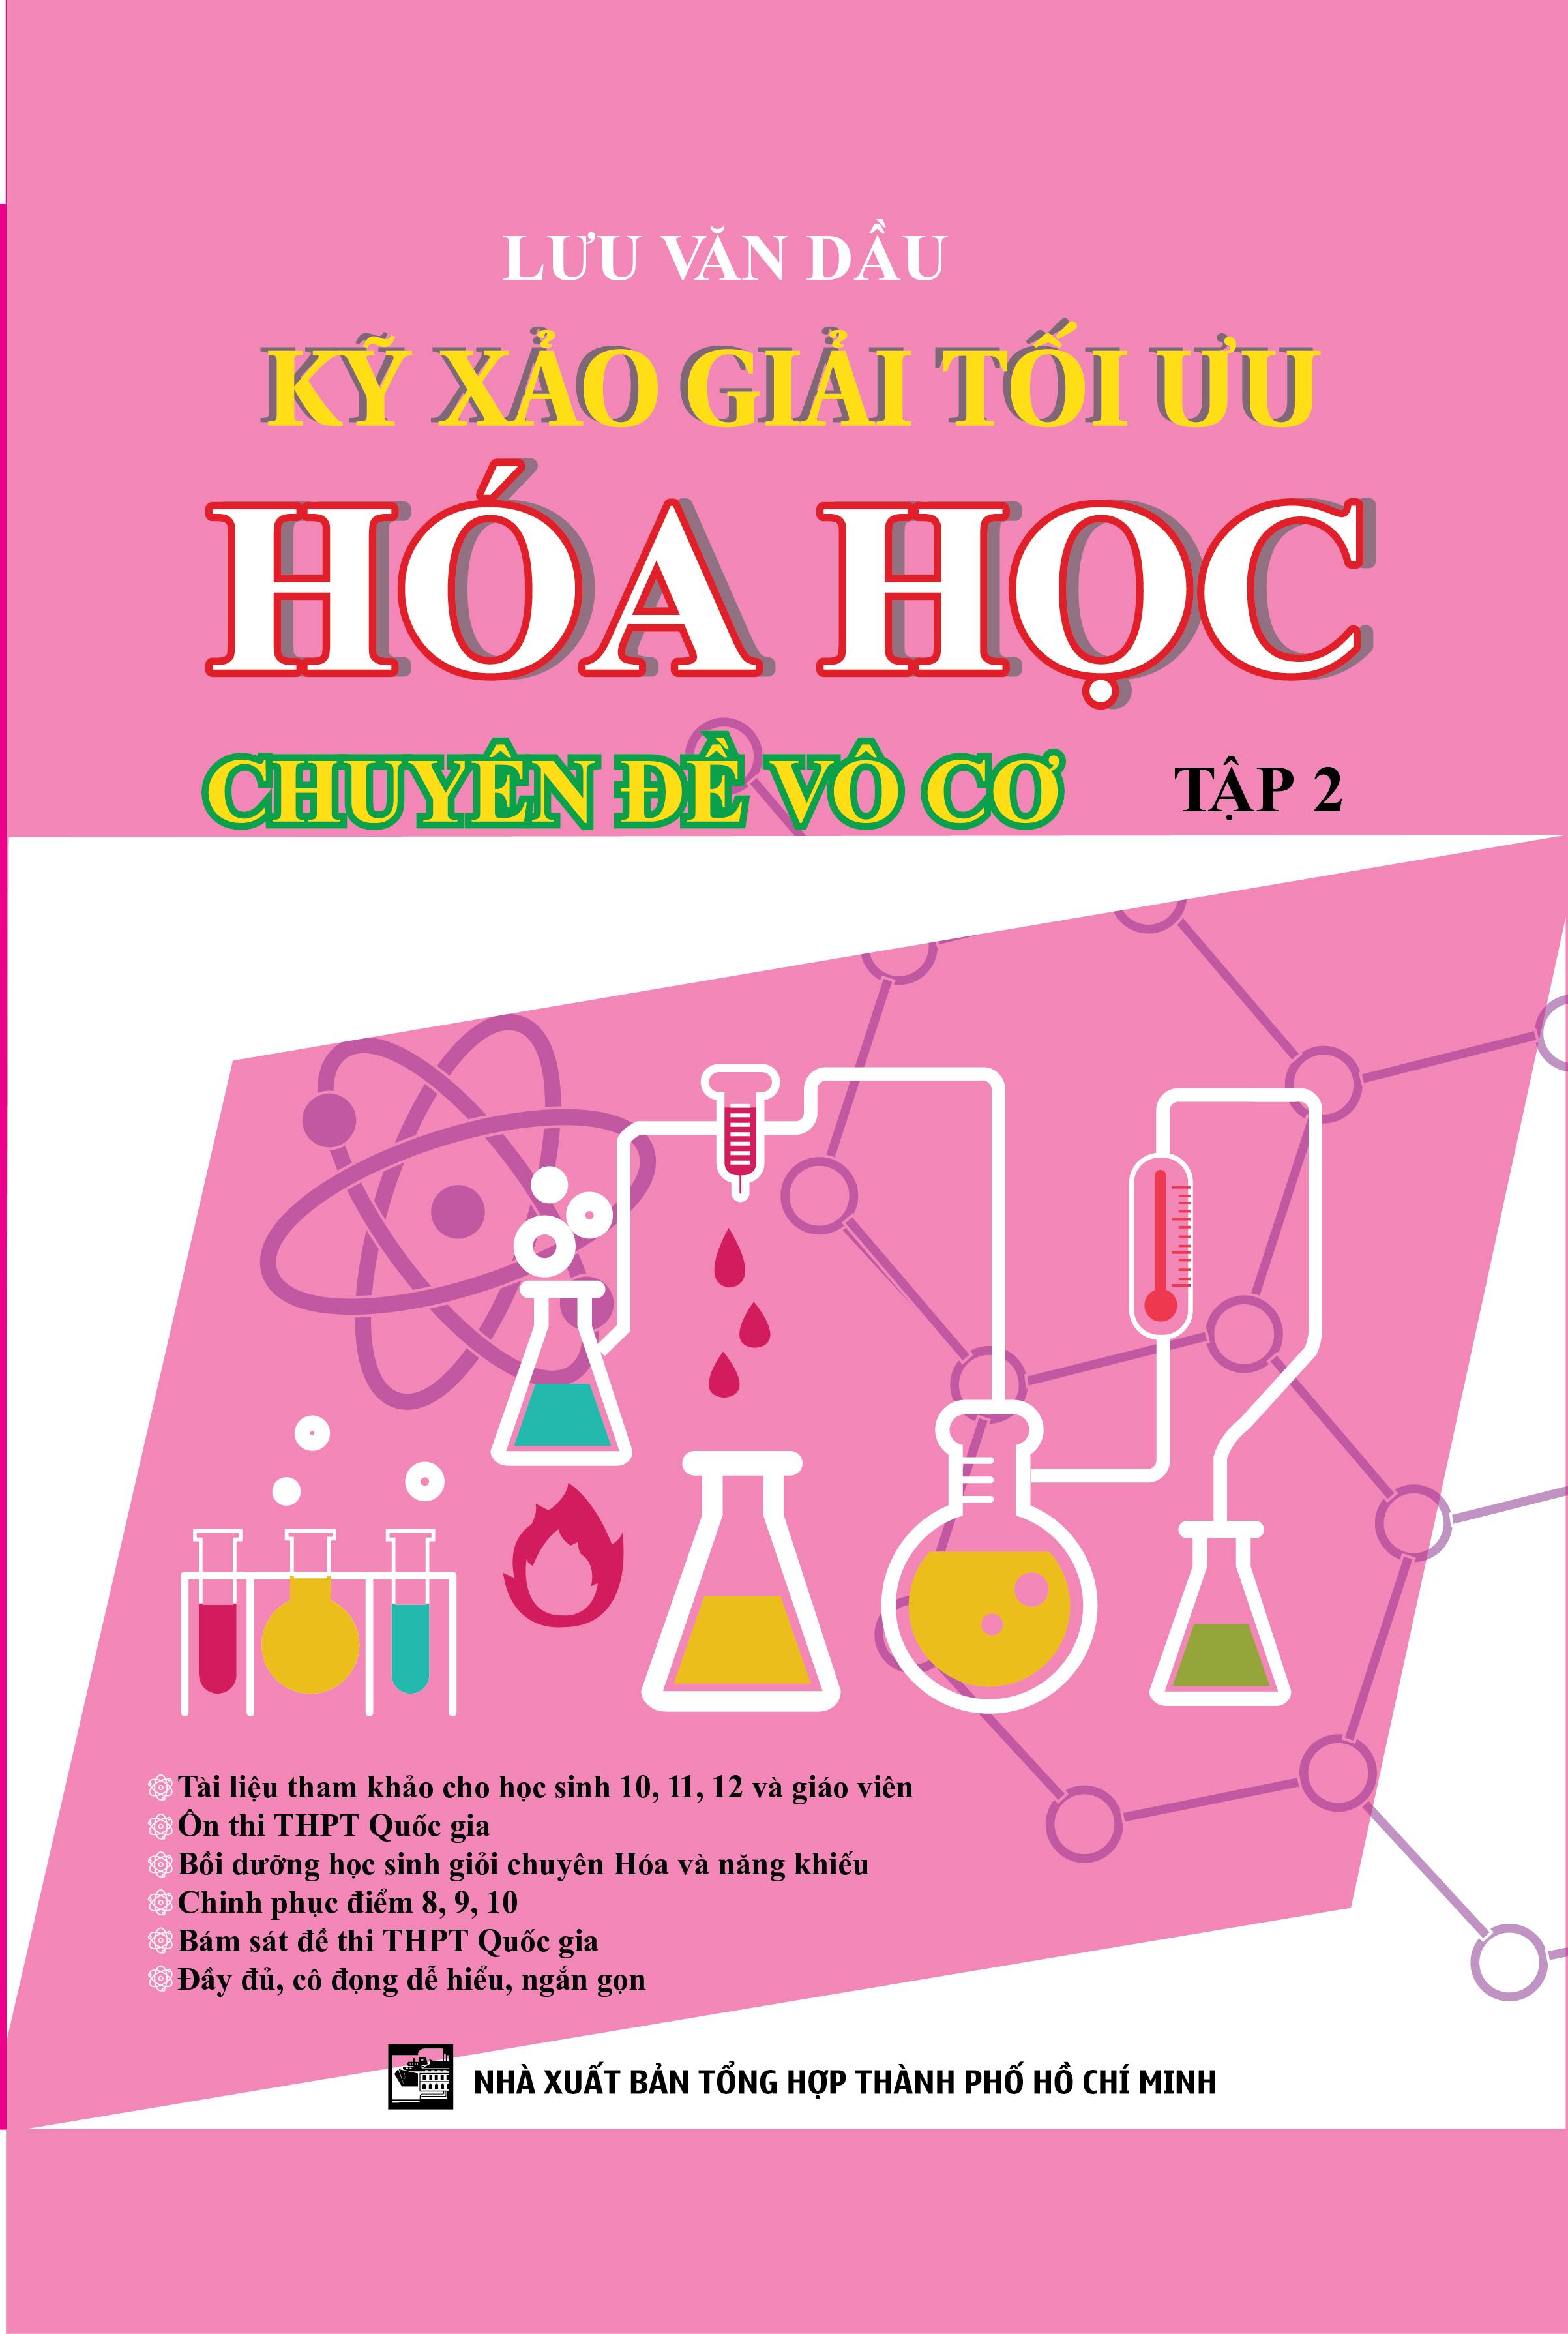 Kỹ Xảo Giải Tối Ưu Hóa Học Chuyên Đề Vô Cơ Tập 2